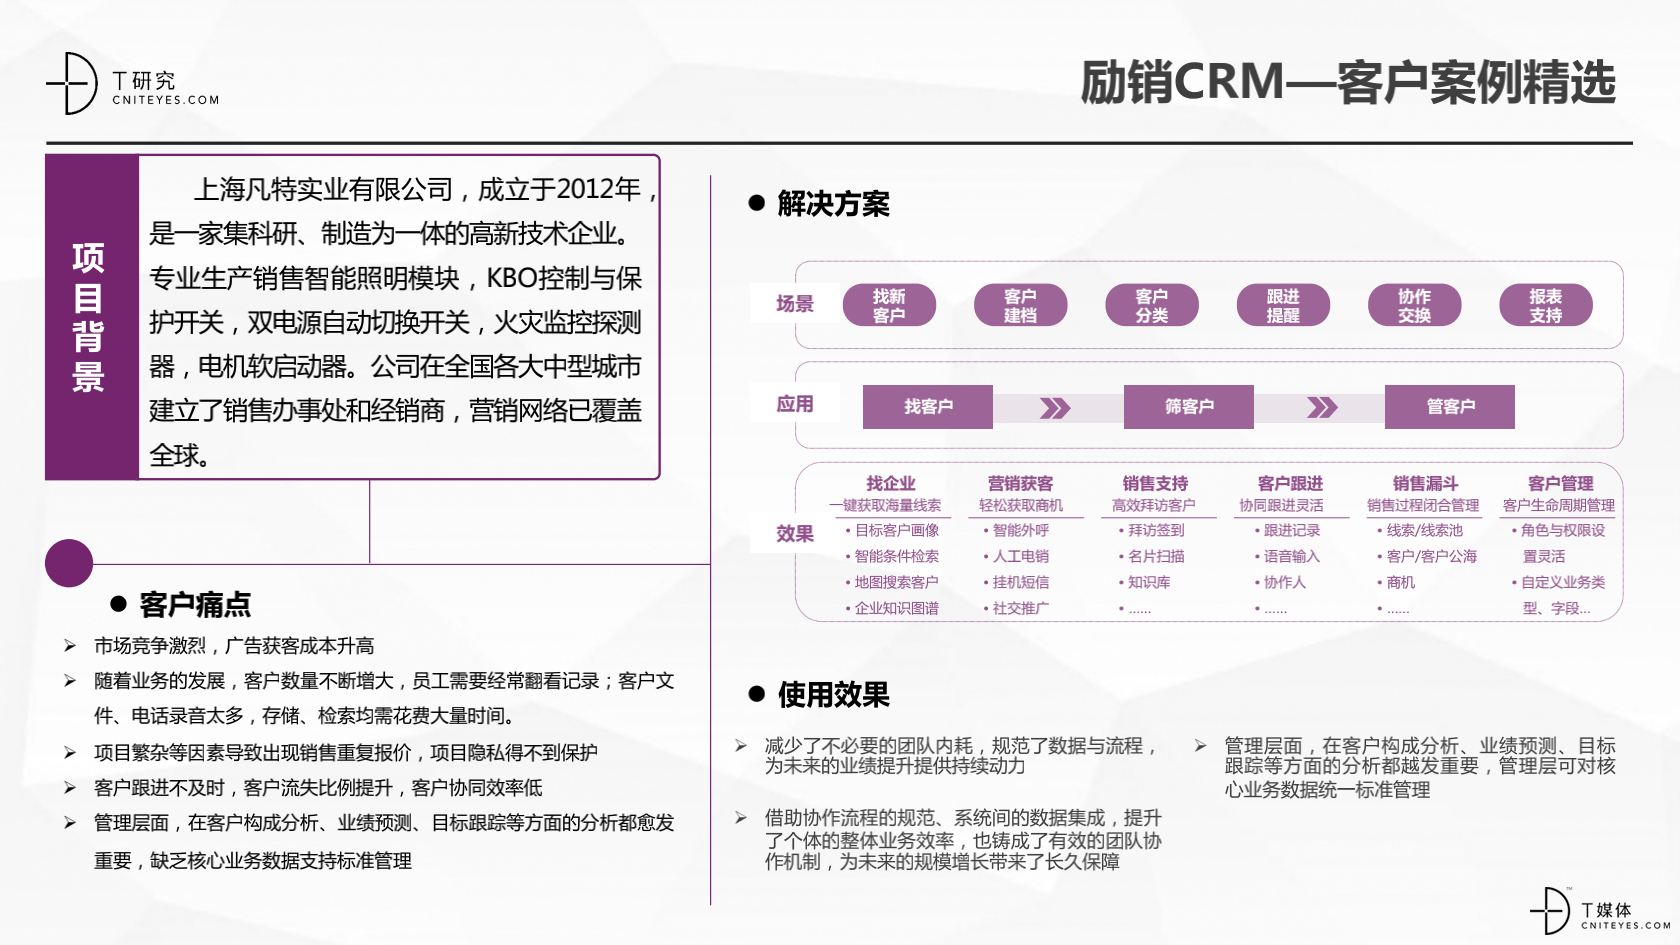 2_2020中国CRM指数测评报告v1.5_34.png